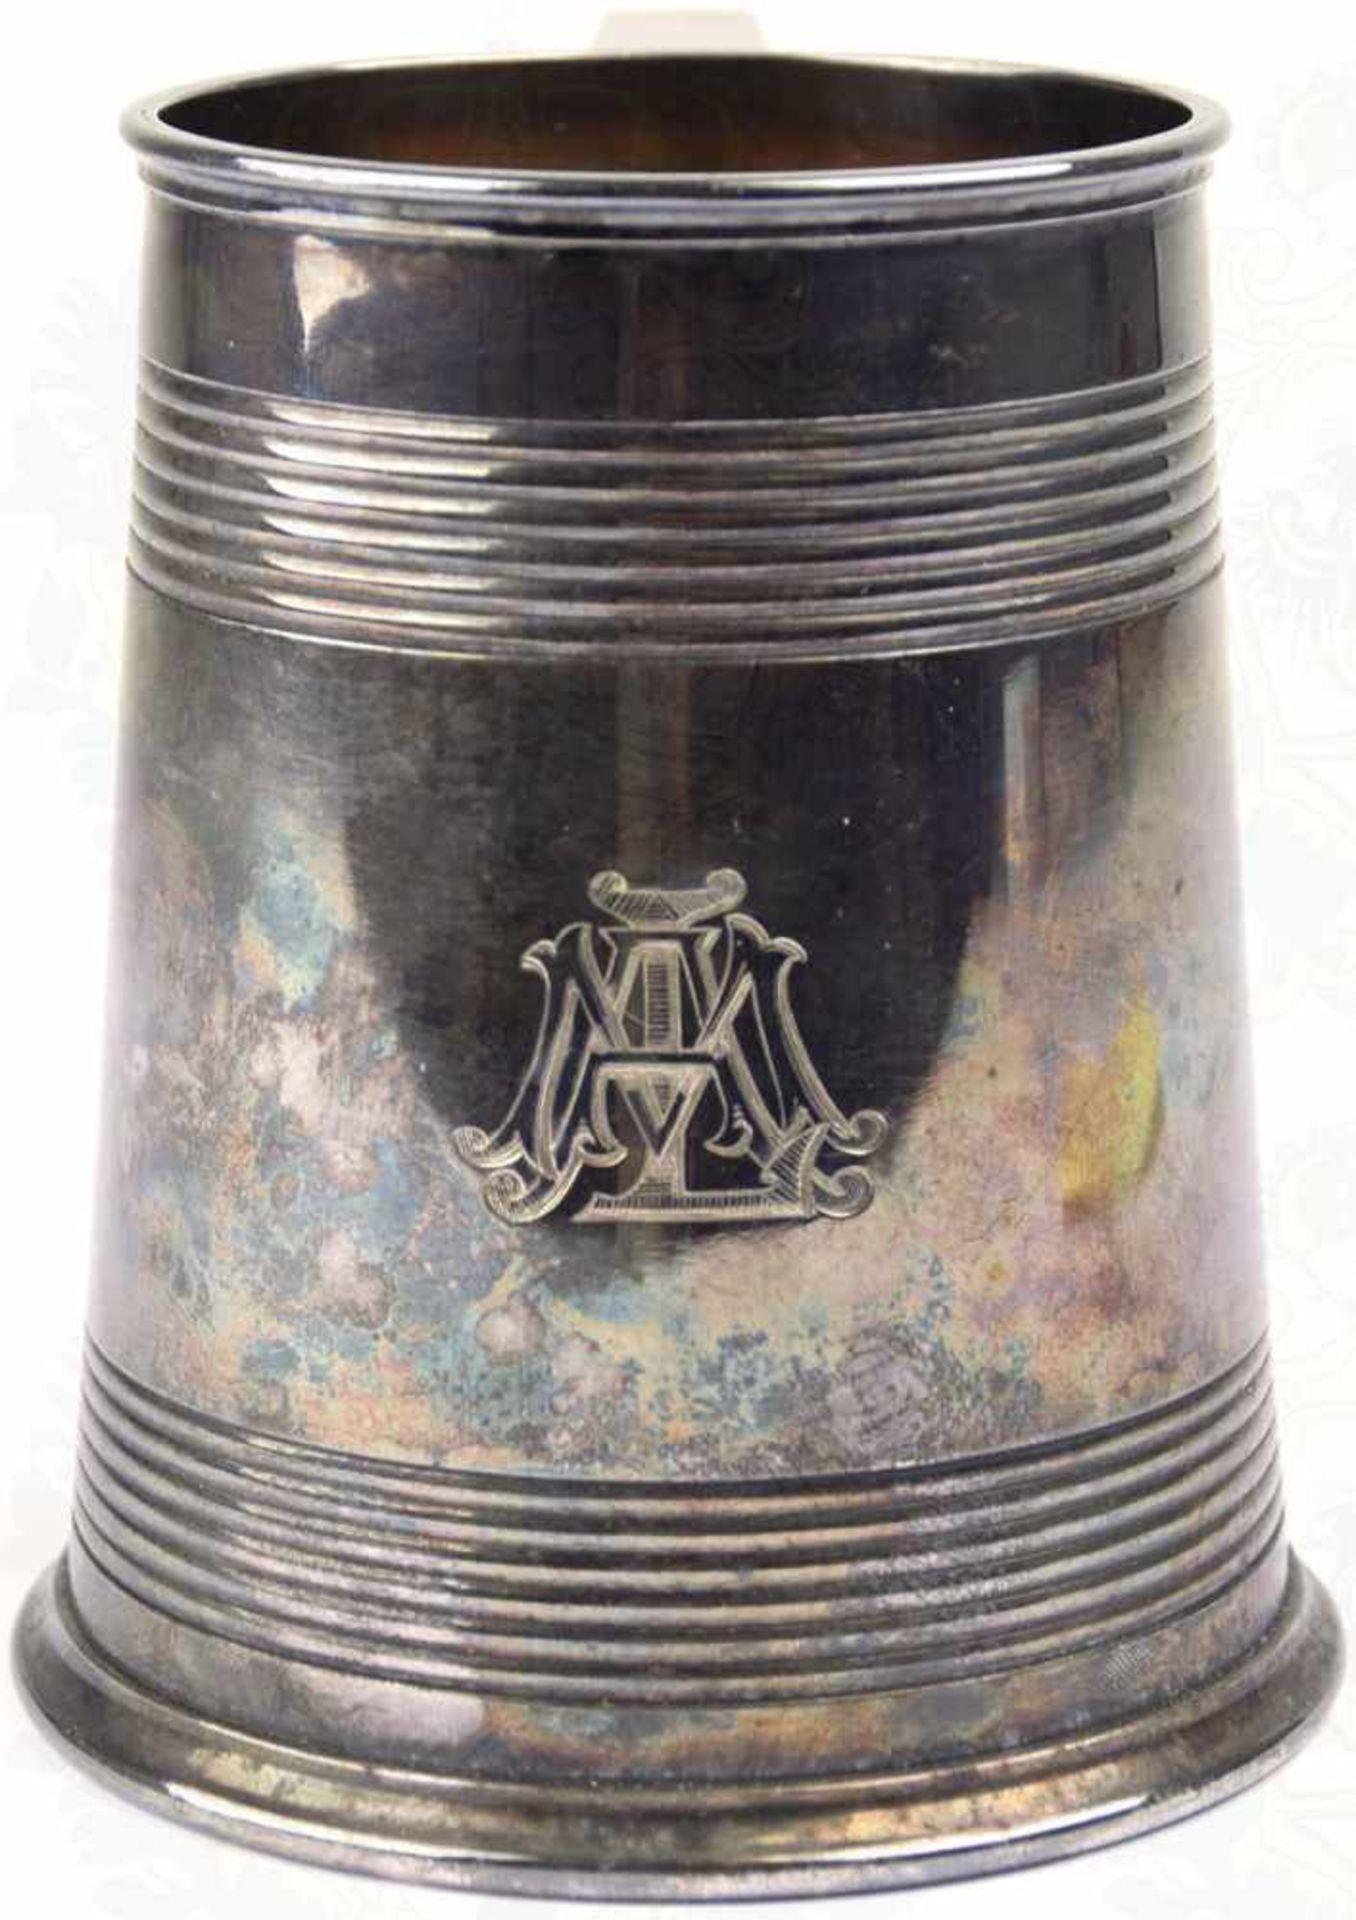 """SILVER-PLATED-BIERKRUG, 1/2 L., Hersteller """"Elkington &. Co."""" sowie """"A 2437"""" im Bodenrand, Henkel - Bild 2 aus 7"""